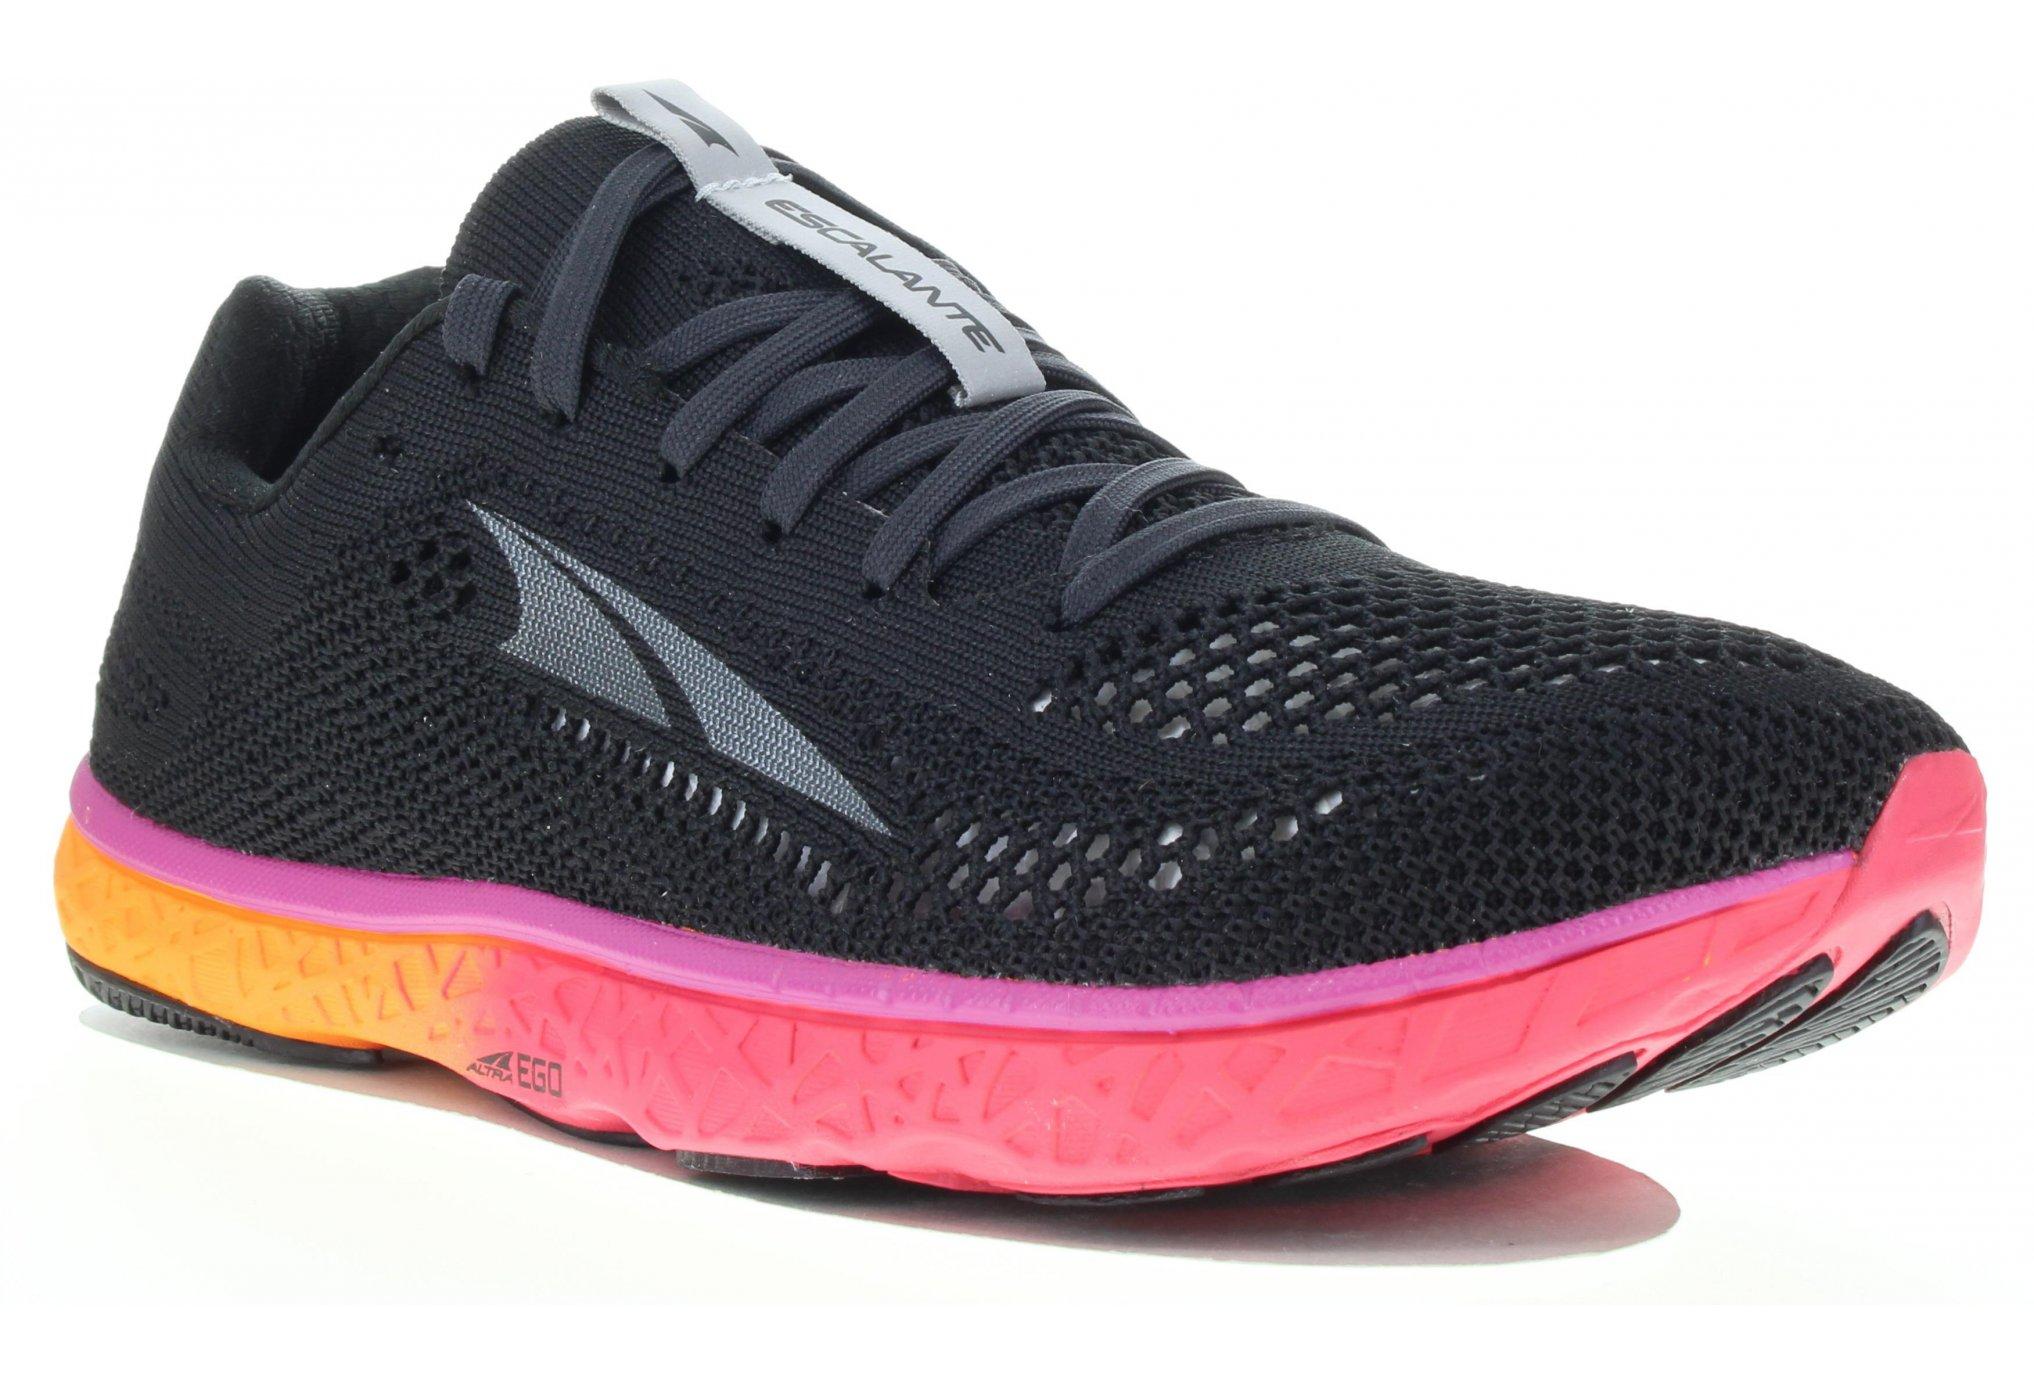 Altra Escalante Racer Chaussures running femme